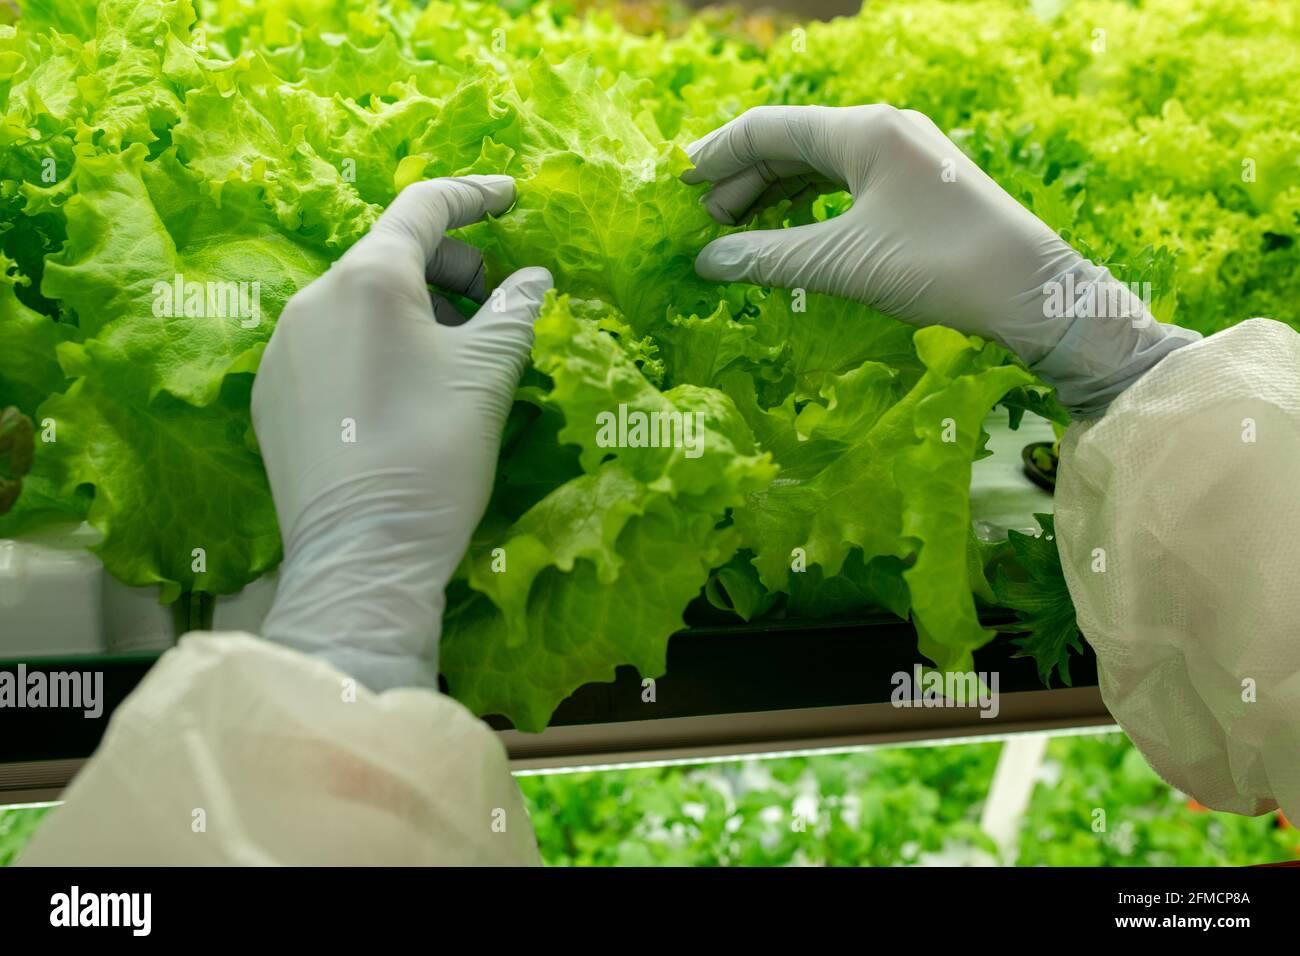 Primo piano di un operaio non riconoscibile in guanti in lattice che toccano la foglia di lattuga su ripiano Foto Stock